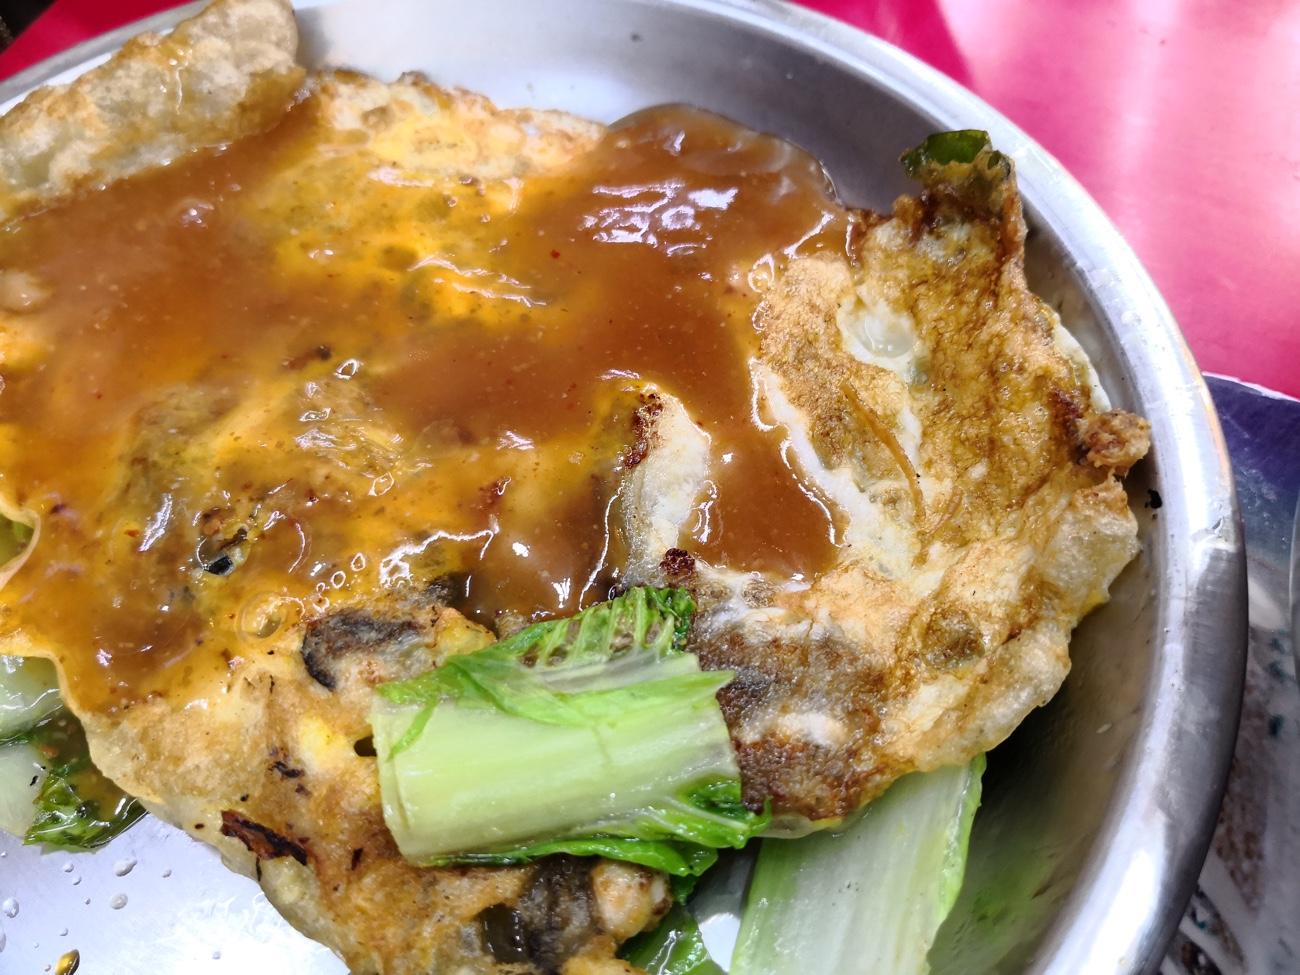 牡蠣オムレツ 士林市場 地下おすすめベスト3 台湾食べ歩き